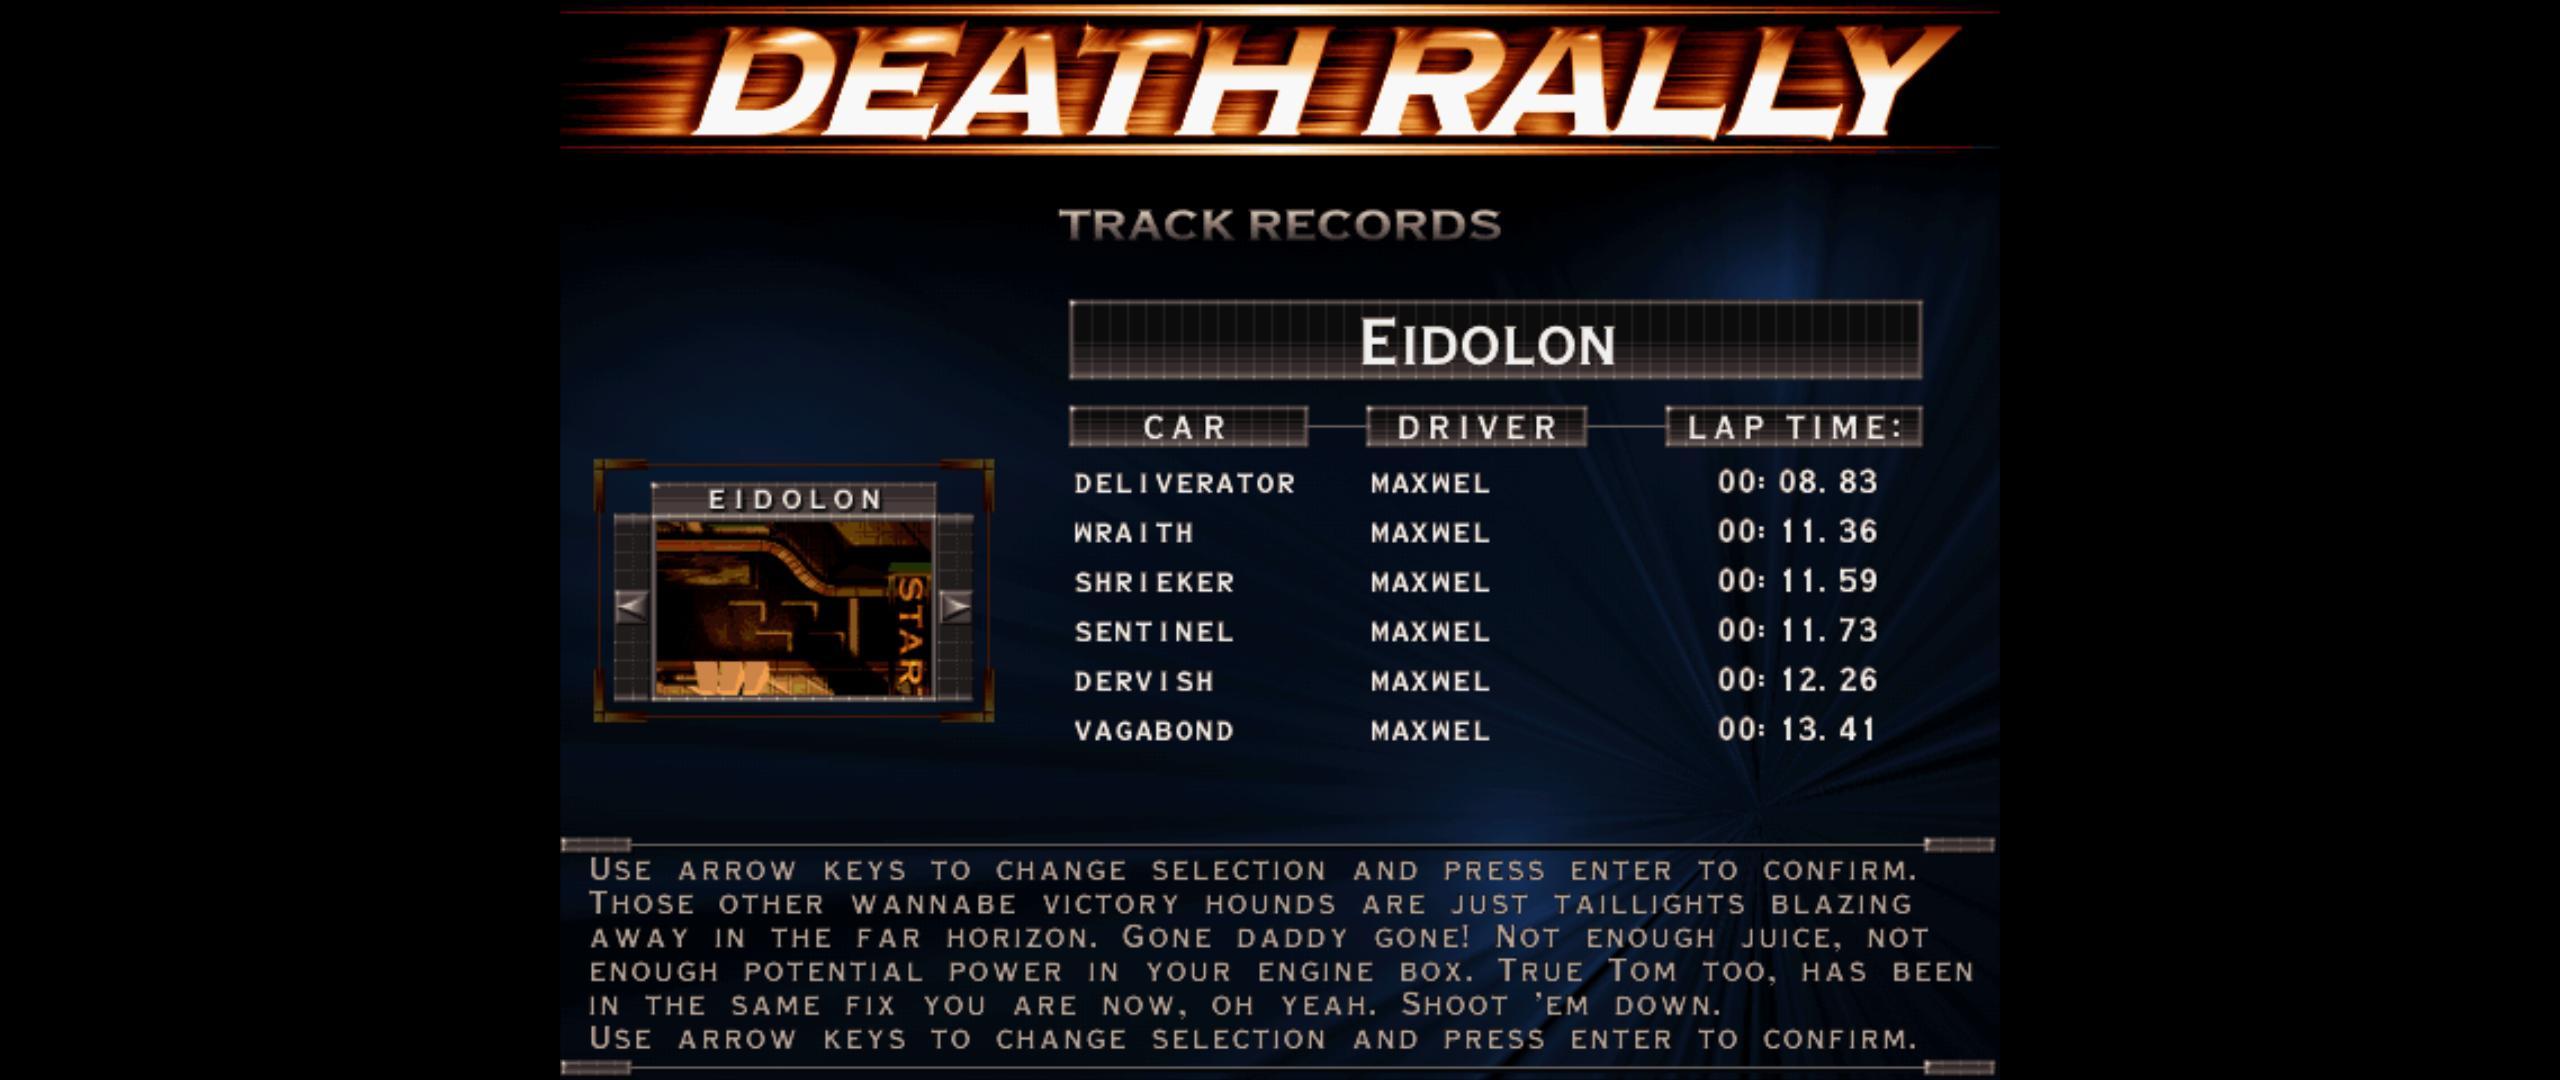 Maxwel: Death Rally [Eidolon, Sentinel Car] (PC) 0:00:11.73 points on 2016-03-04 08:09:16